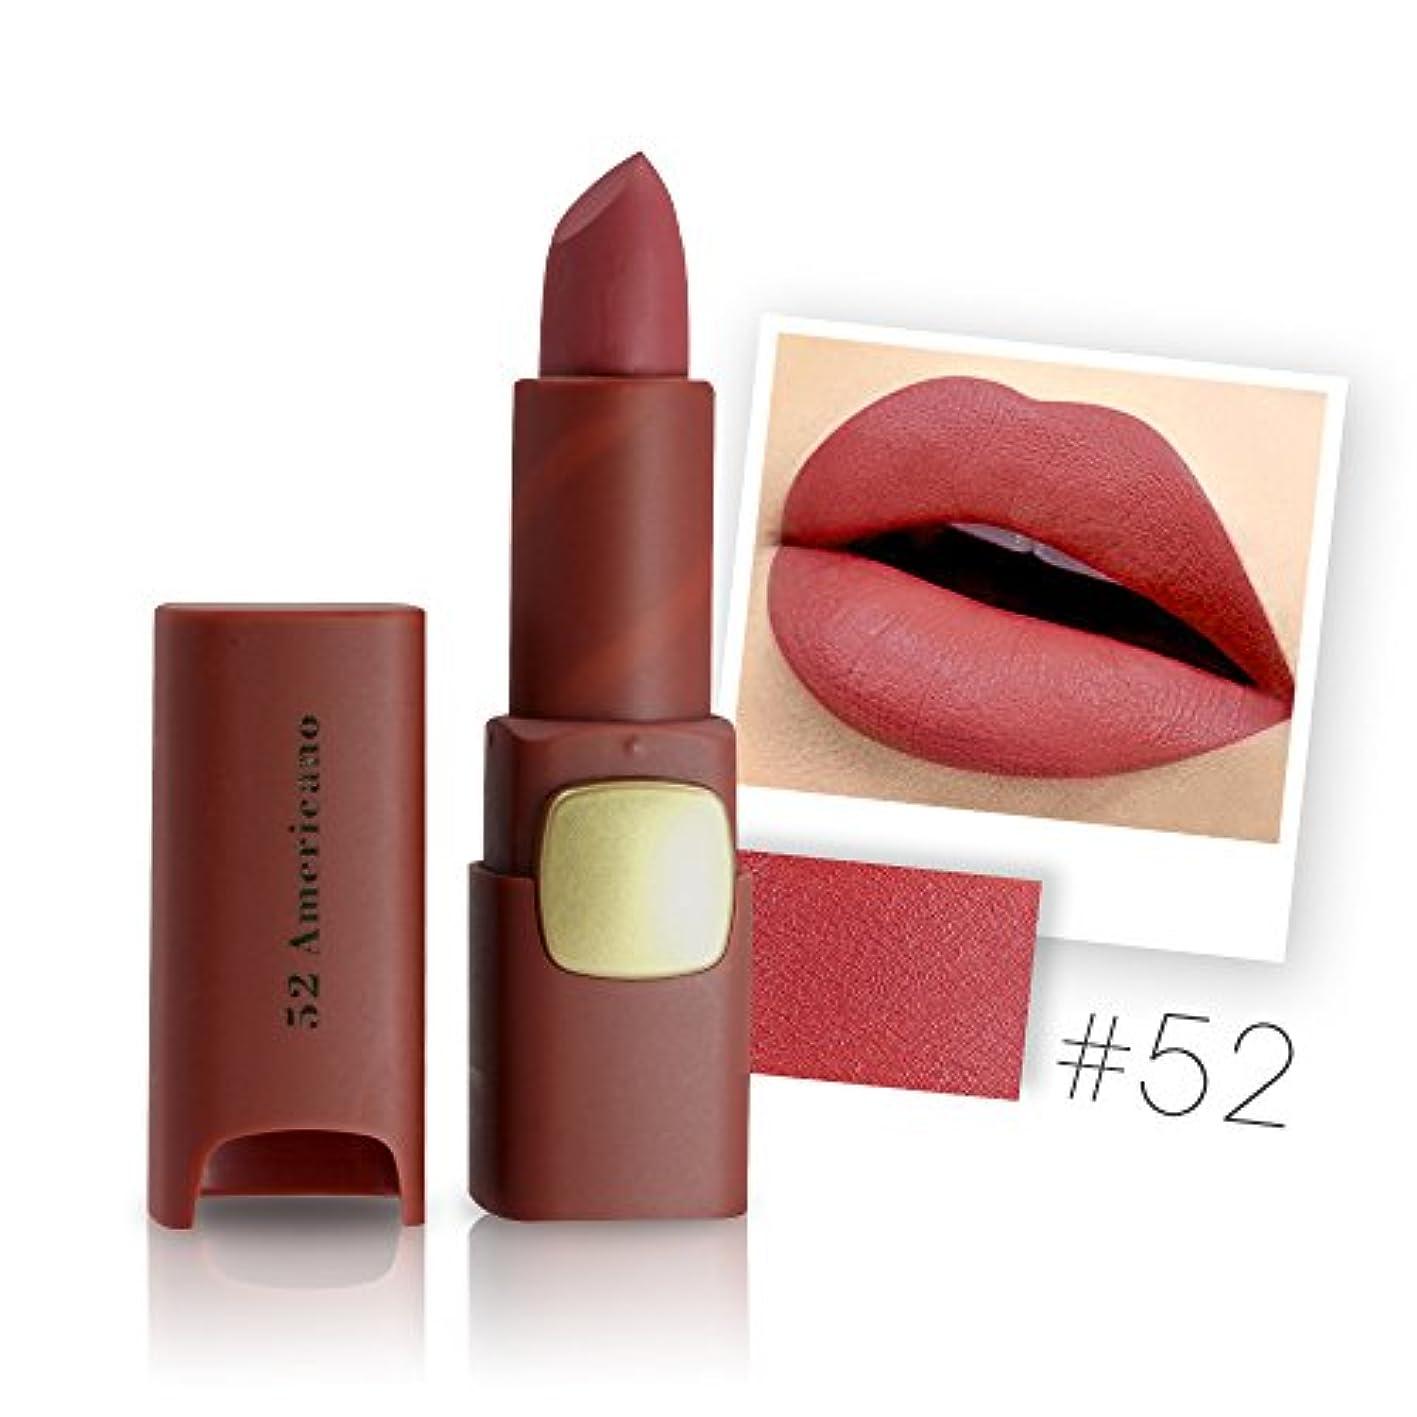 今晩チャーミング受動的Miss Rose Brand Matte Lipstick Waterproof Lips Moisturizing Easy To Wear Makeup Lip Sticks Gloss Lipsticks Cosmetic